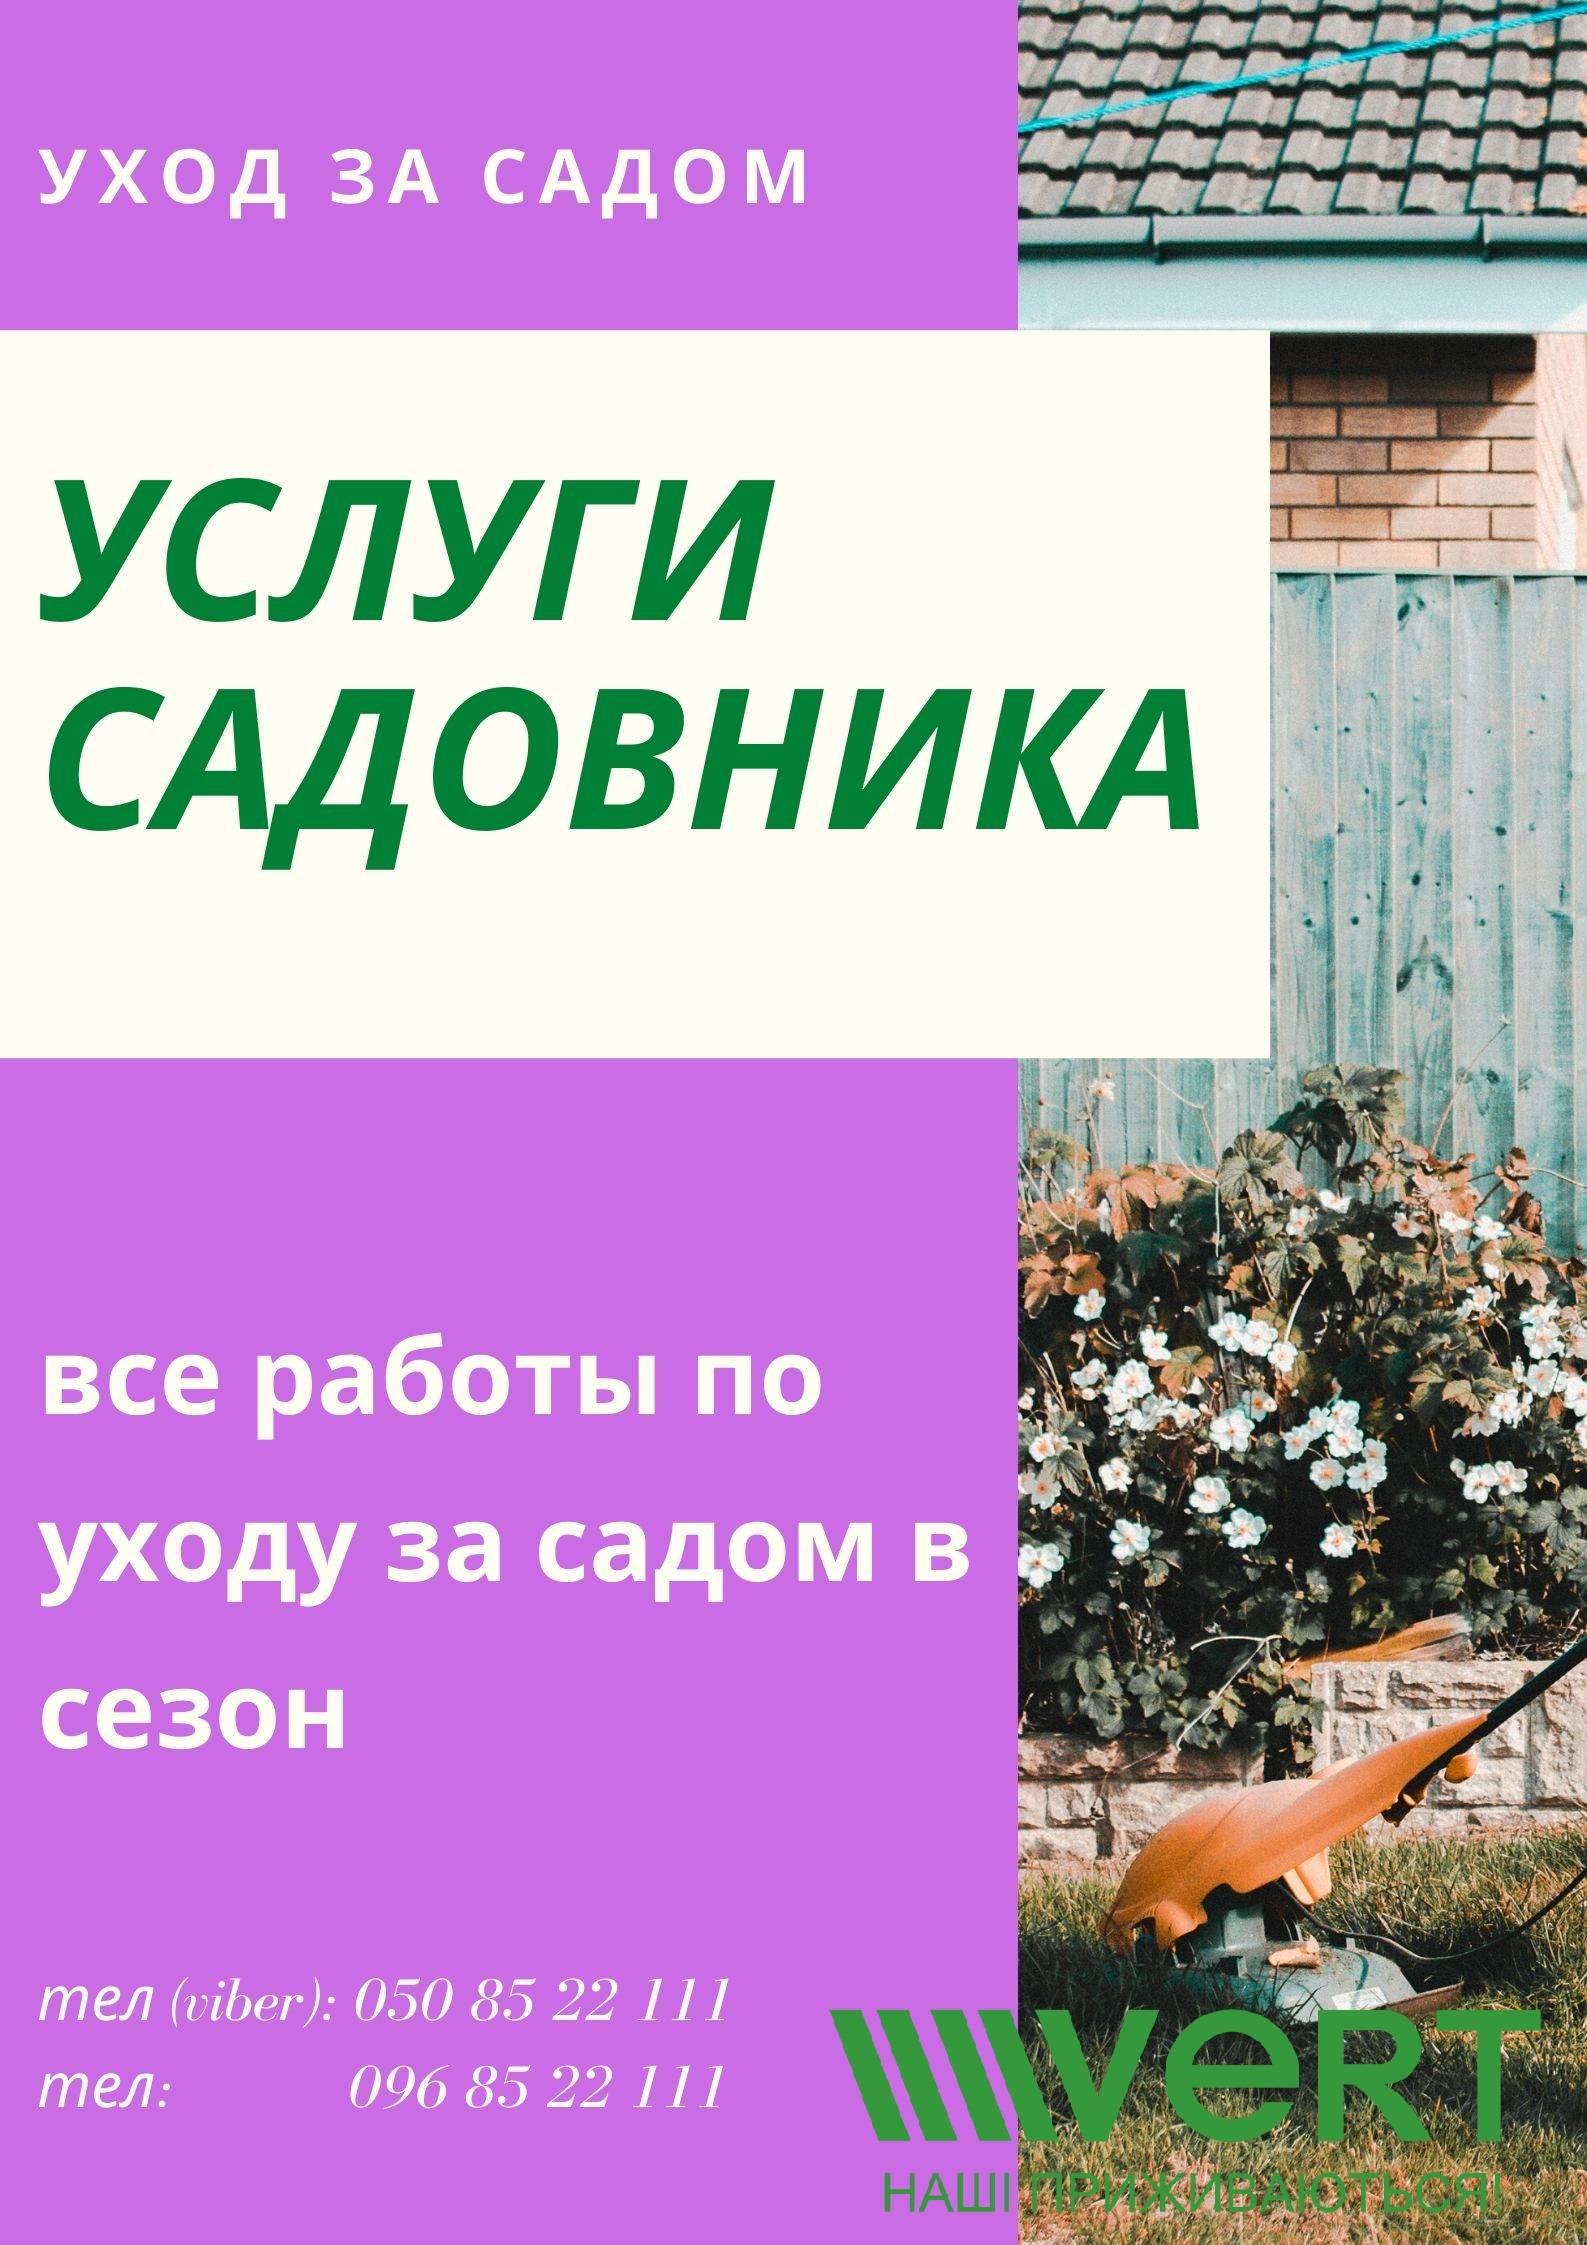 Гортензия «тардива» (28 фото): описание гортензии метельчатой tardiva, посадка, уход и размножение